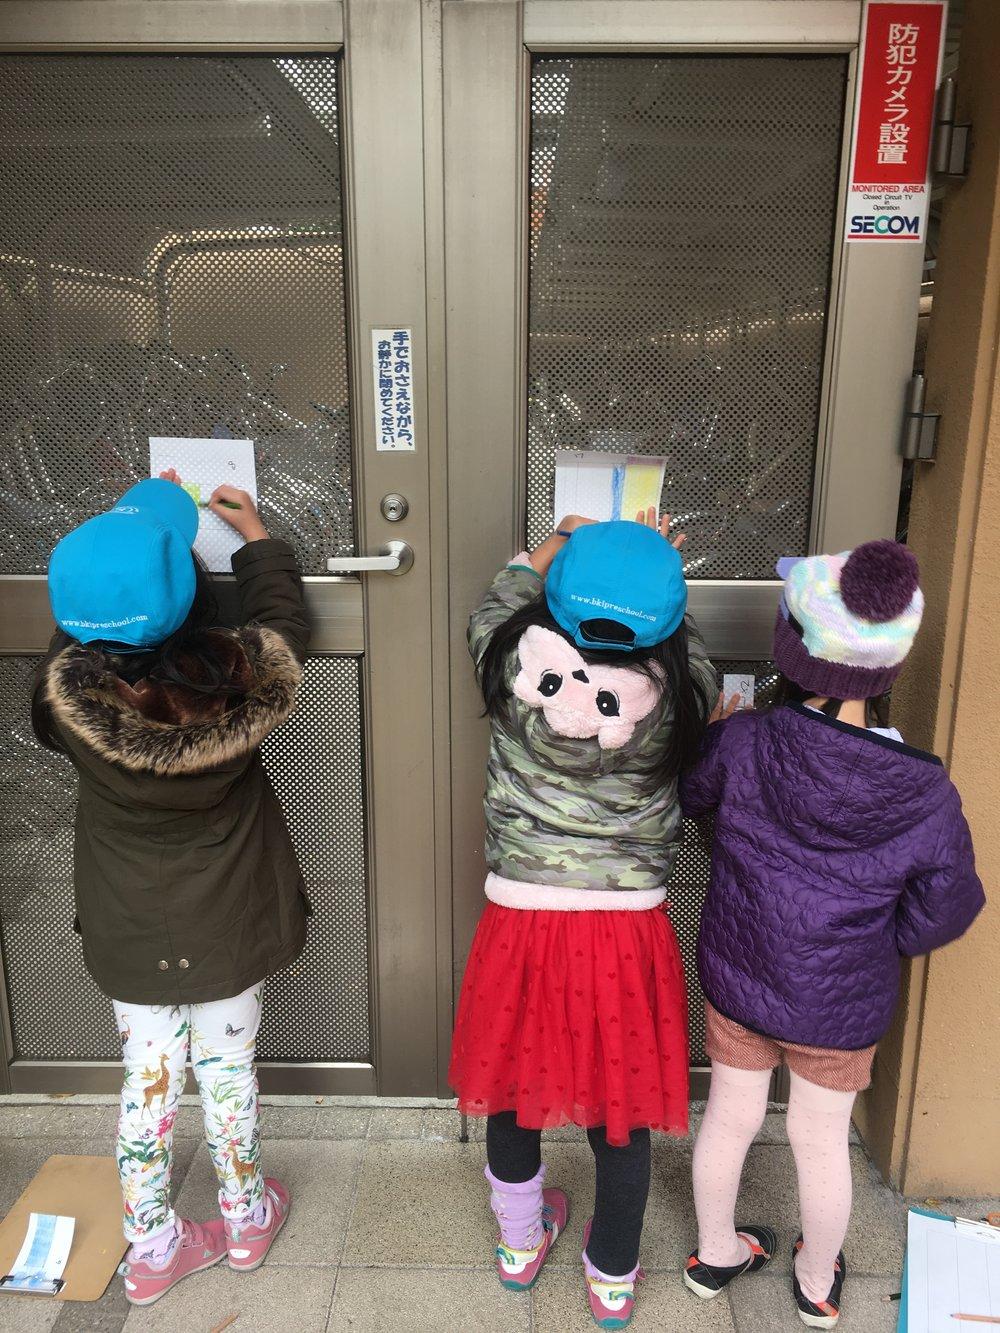 ゲートに紙をあててクレヨンでなぞり模様を写し取る児童